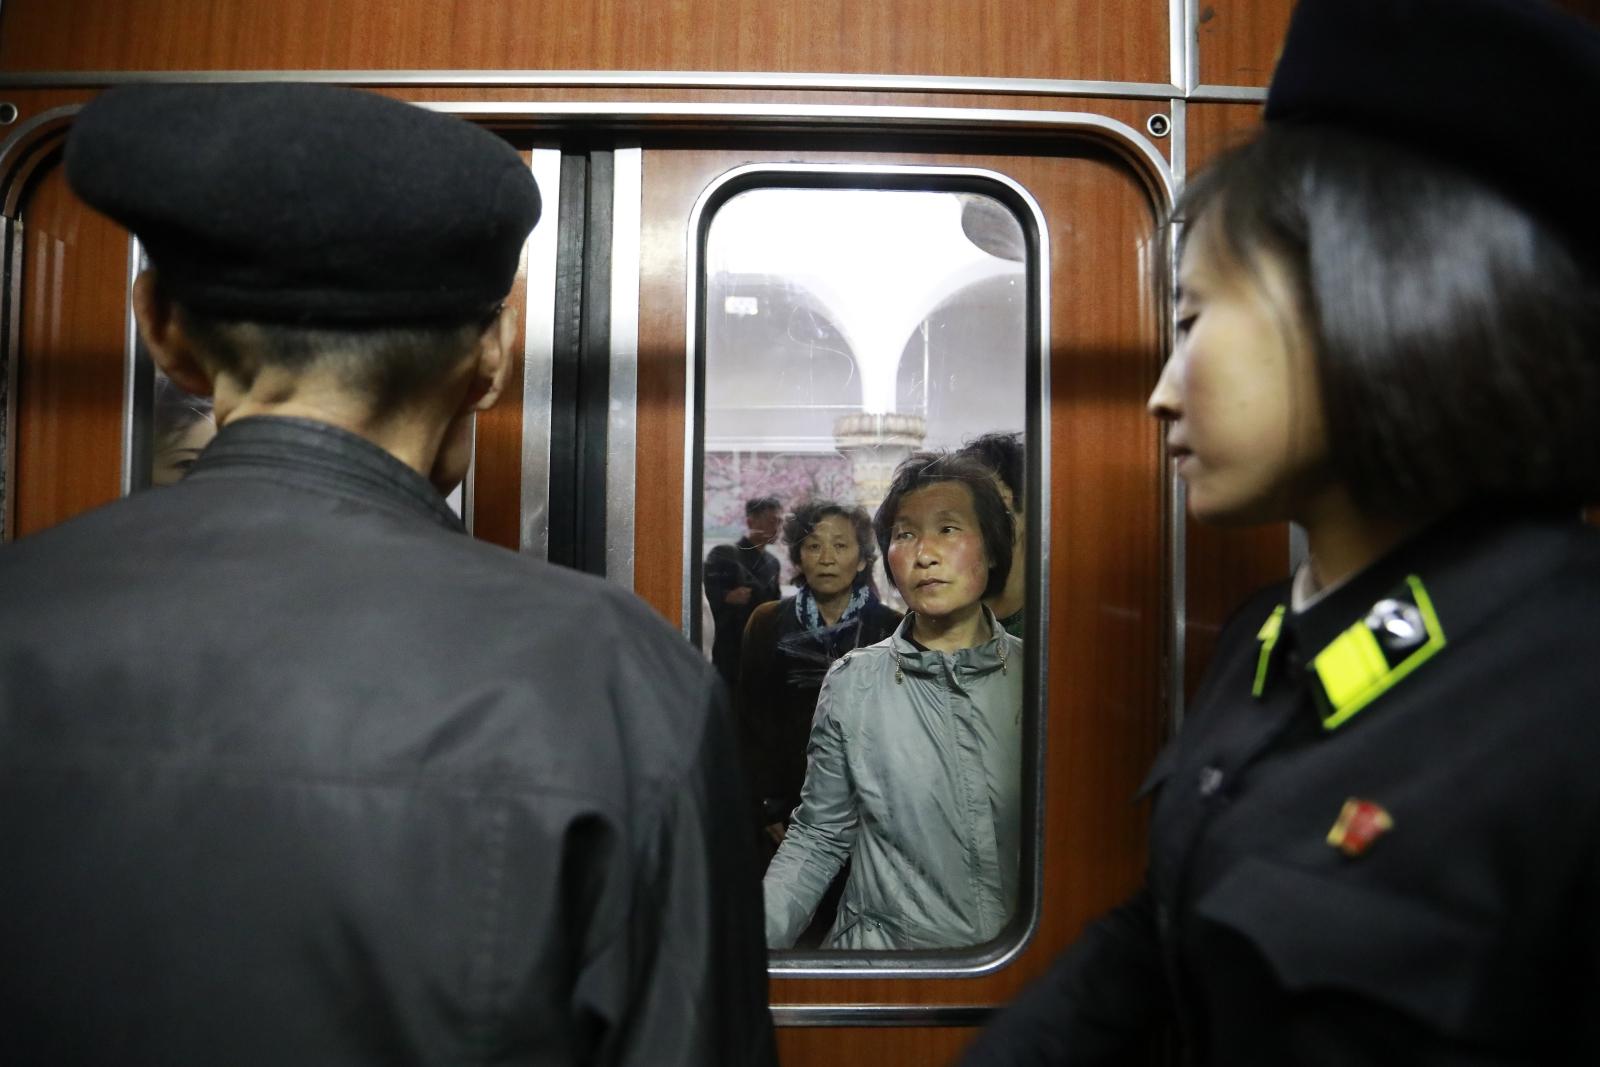 Koreańczycy w pociągu na stacji kolejowej metra w Pyongyang, Korea Północna. Fot. EPA/HOW HWEE YOUNG